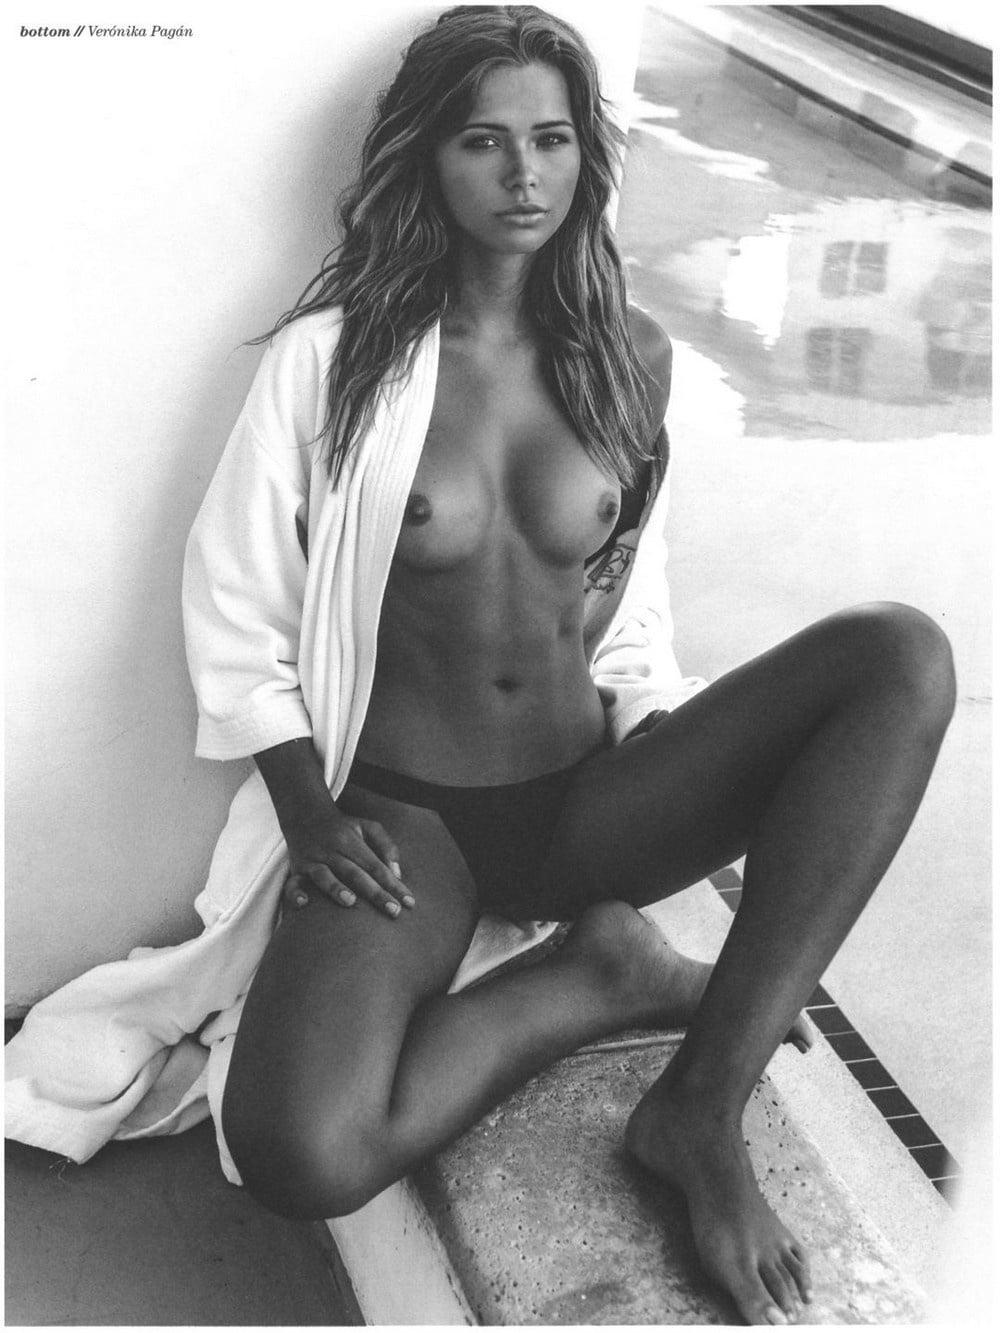 Sandra Kubicka em um ensaio fotográfico sensual 16